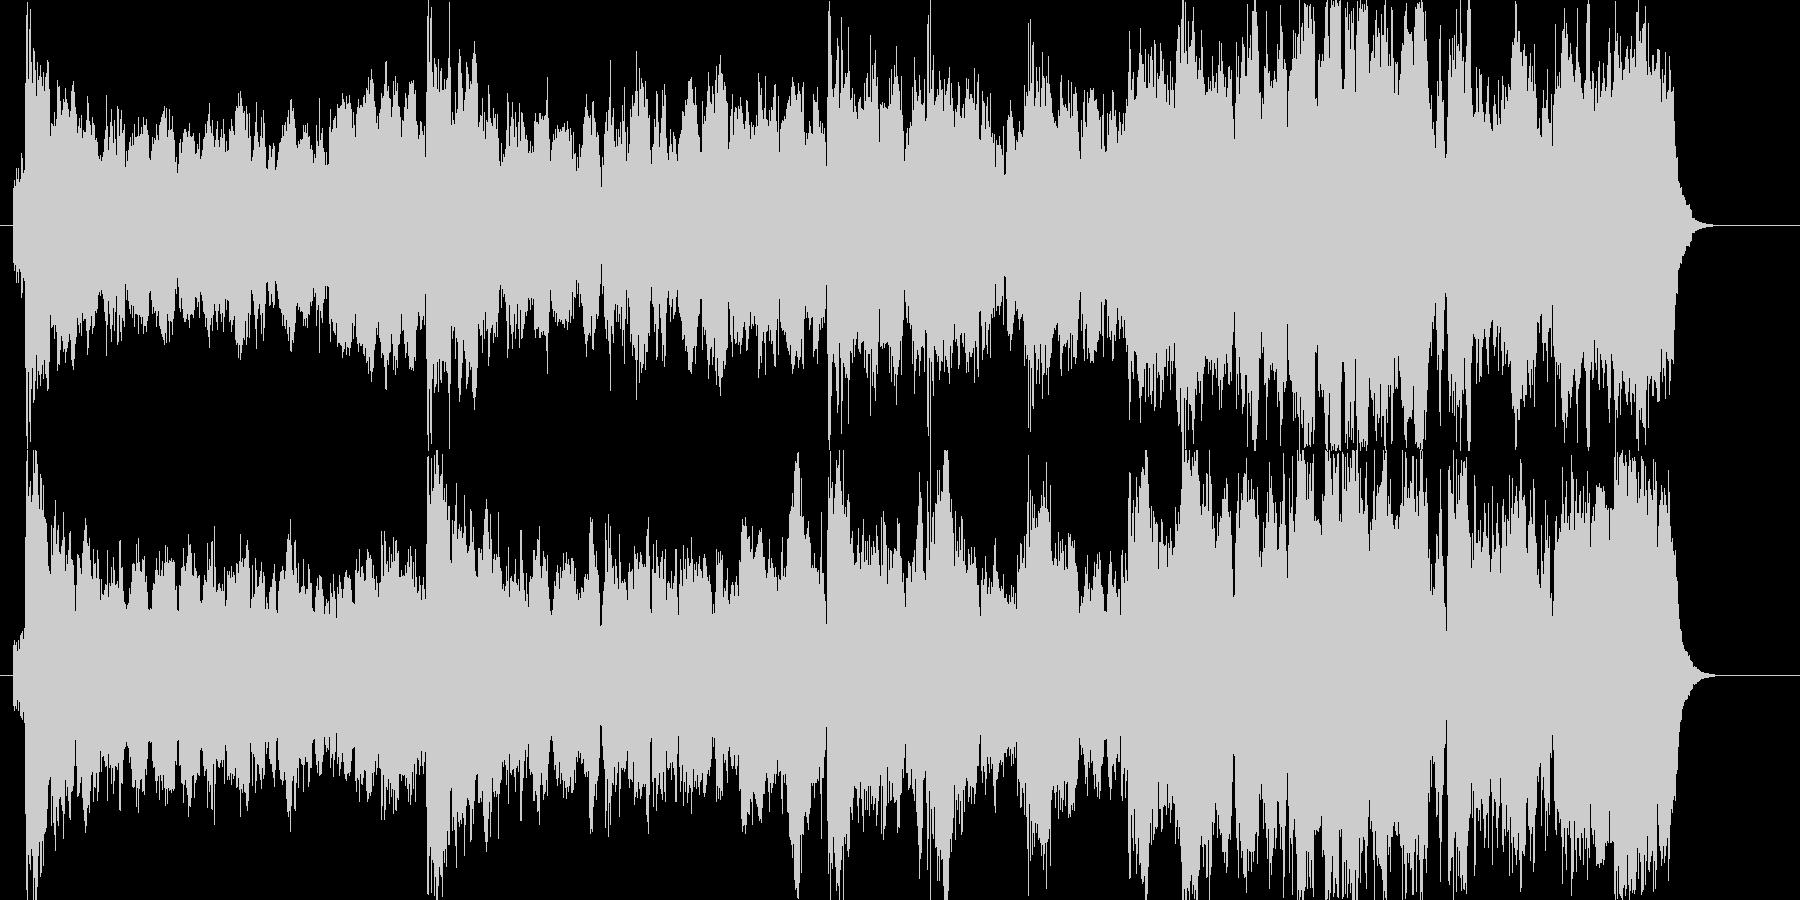 ブラスバンドアレンジの表彰式用の曲ですの未再生の波形